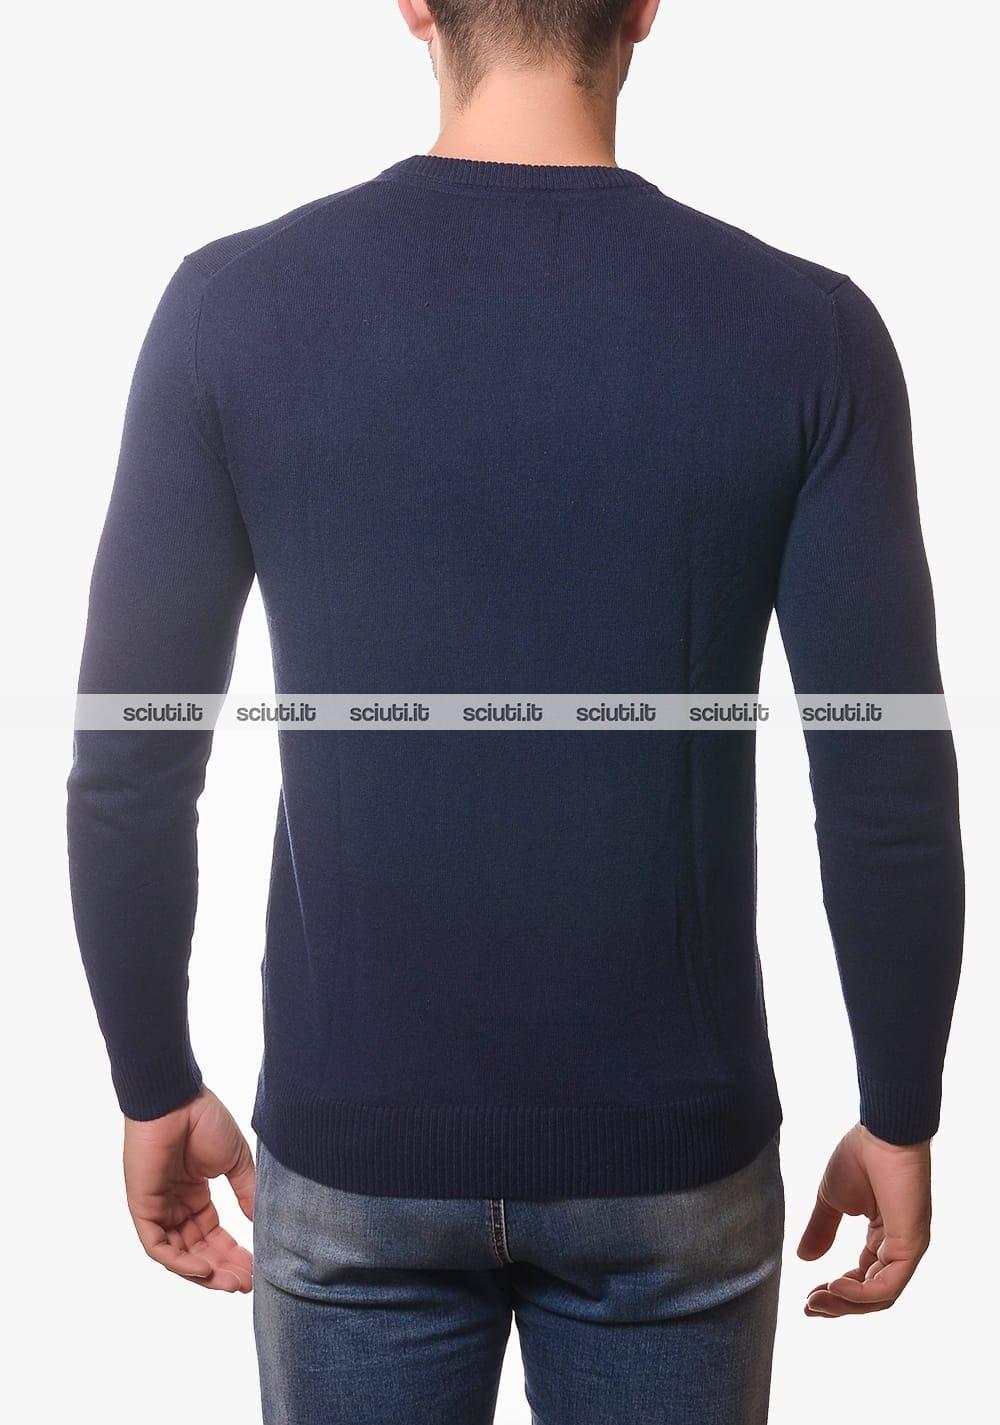 Maglione Guess uomo blu scuro logo righe | Sciuti.it